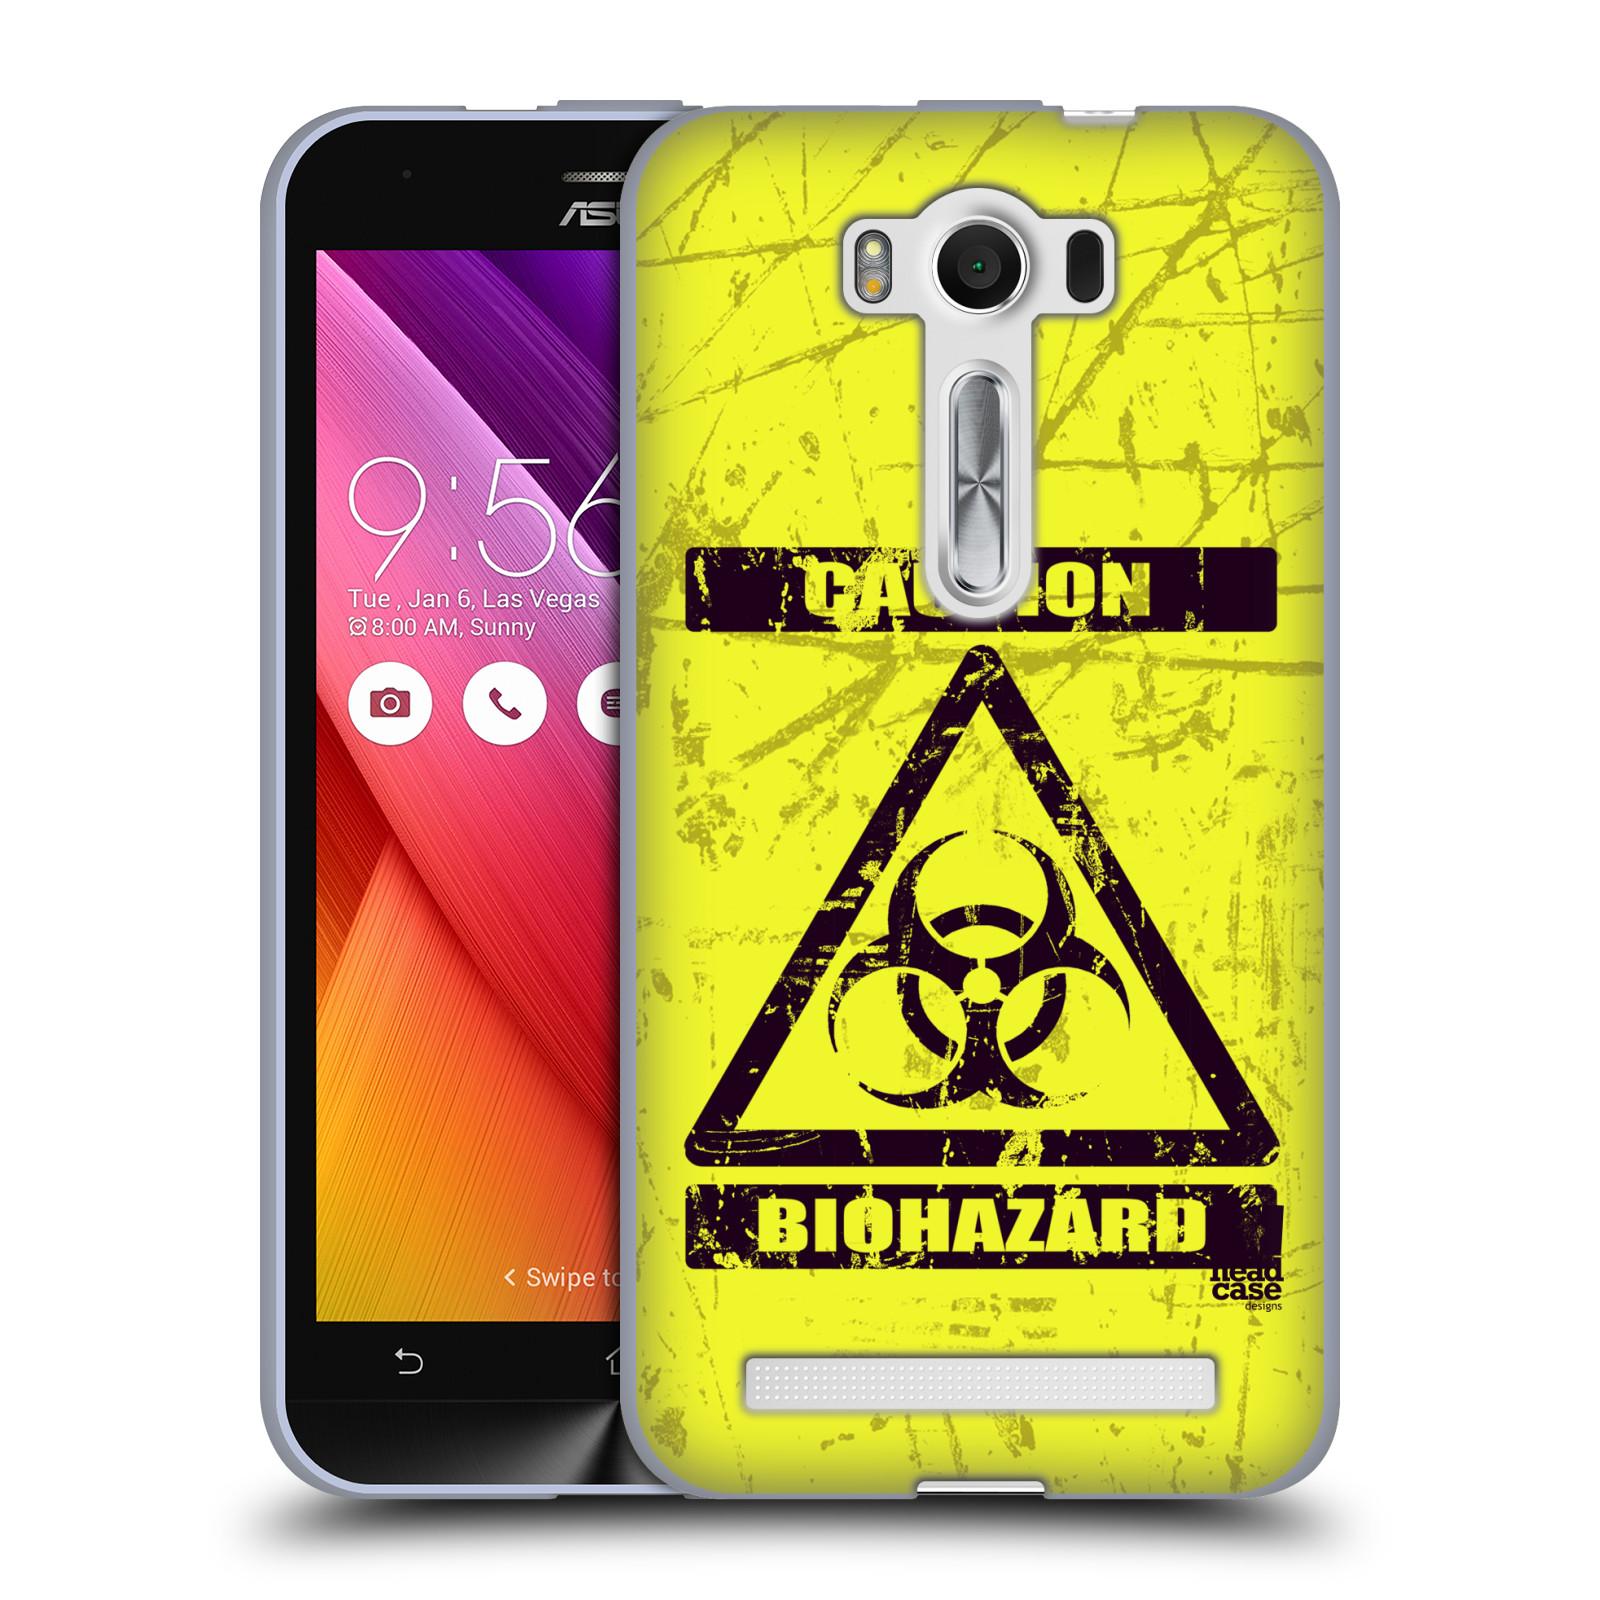 """Silikonové pouzdro na mobil Asus ZenFone 2 Laser ZE500KL HEAD CASE BIOHAZARD (Silikonový kryt či obal na mobilní telefon Asus ZenFone 2 Laser ZE500KL s 5"""" displejem)"""